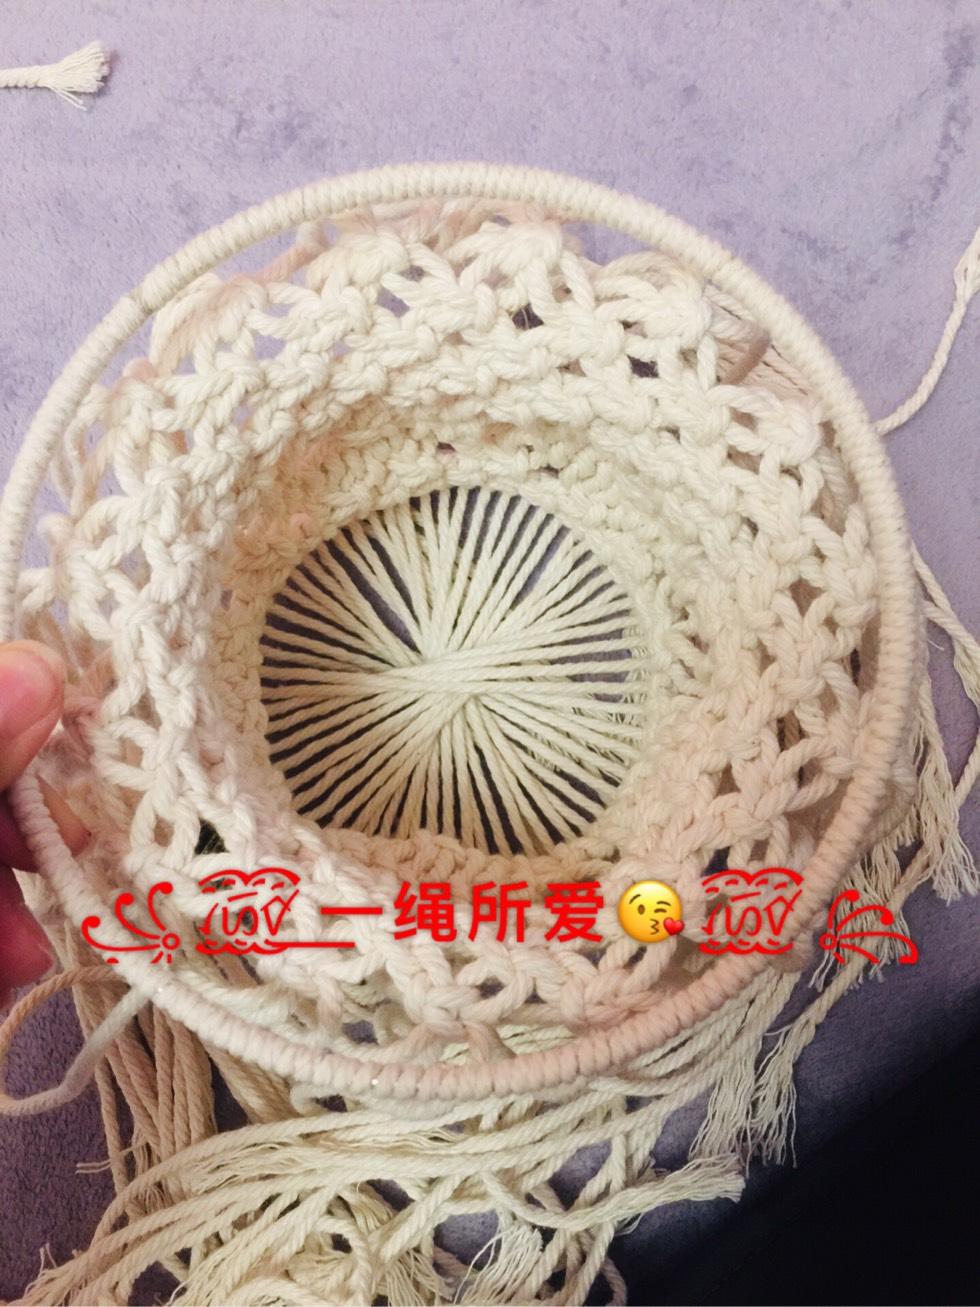 中国结论坛 原创·Macrame 收纳篮  立体绳结教程与交流区 143029k3z8nssi9983ks9s